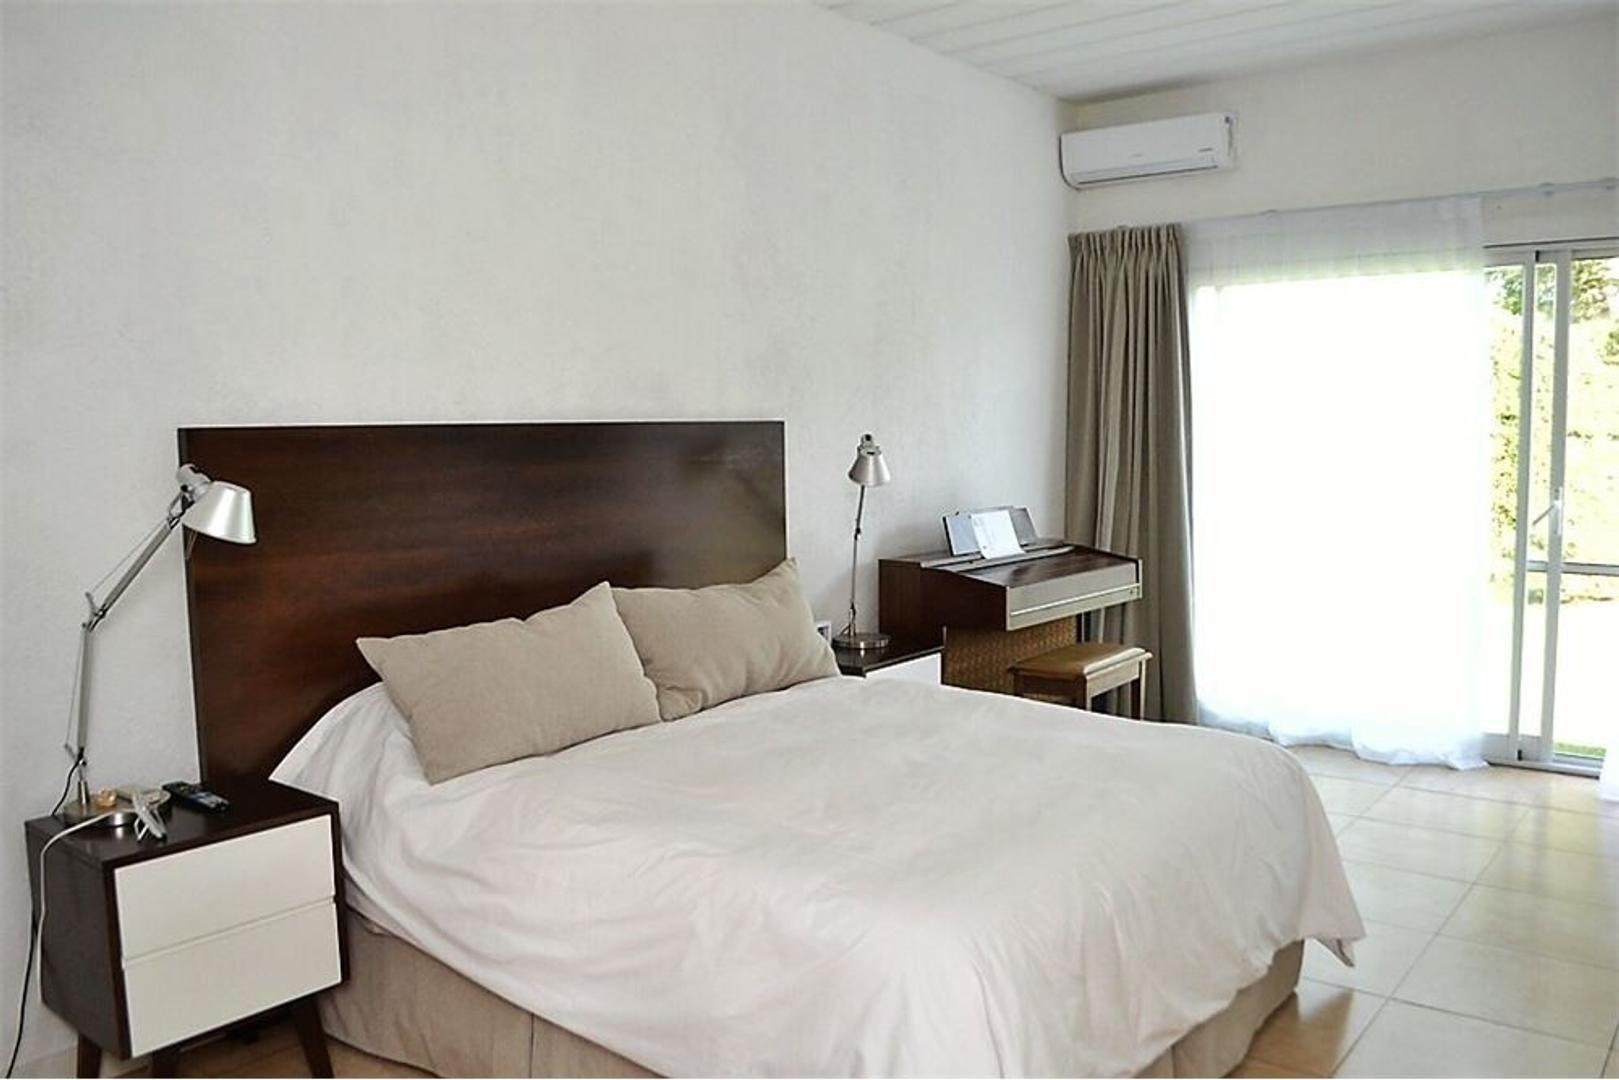 Casa - 176 m² | 3 dormitorios | 8 años